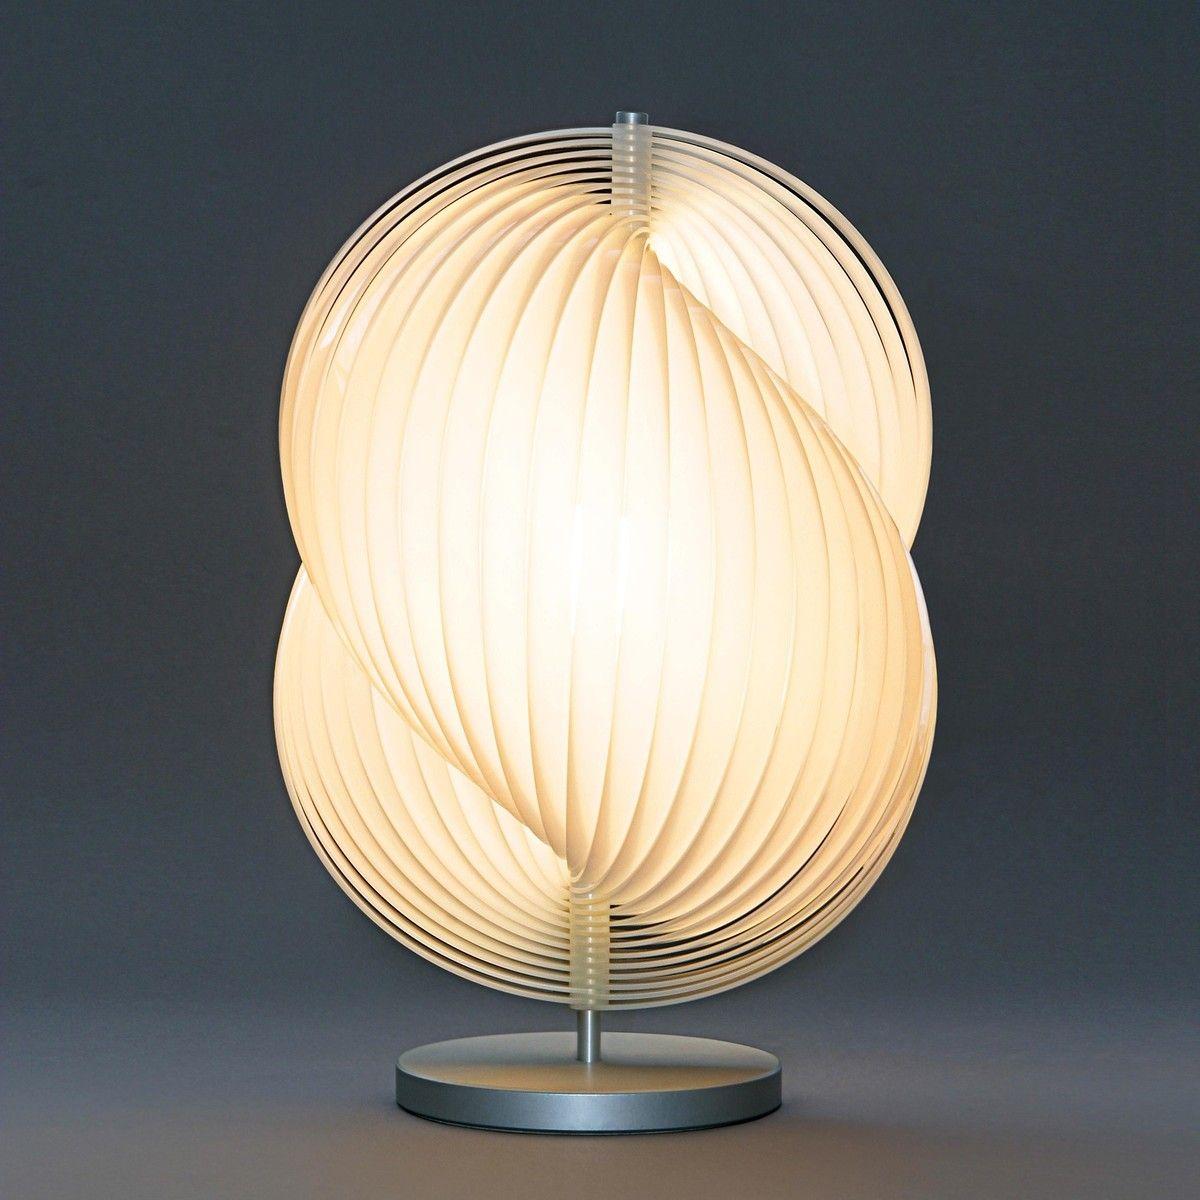 La Perle Table Lamp In 2019 Art Lamp Design Lamp Light Table